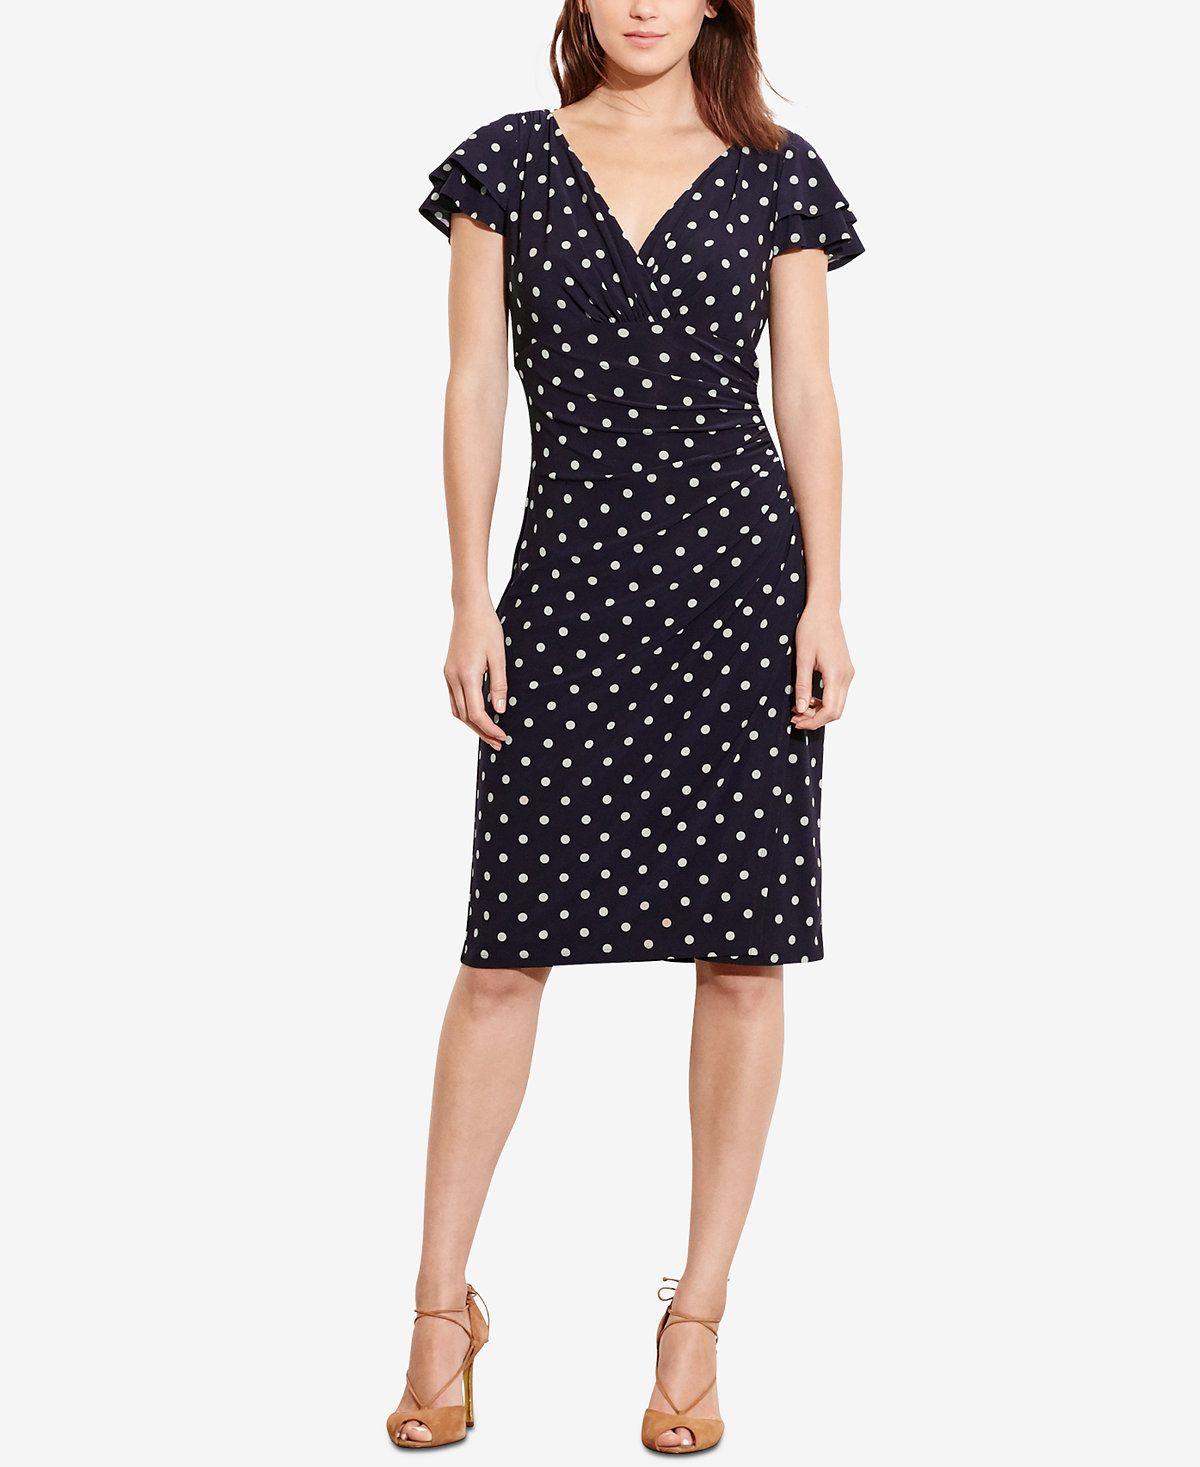 7e14b38ea6578 Lauren Ralph Lauren Dot-Print Flutter-Sleeve Dress - Dresses - Women -  Macy's